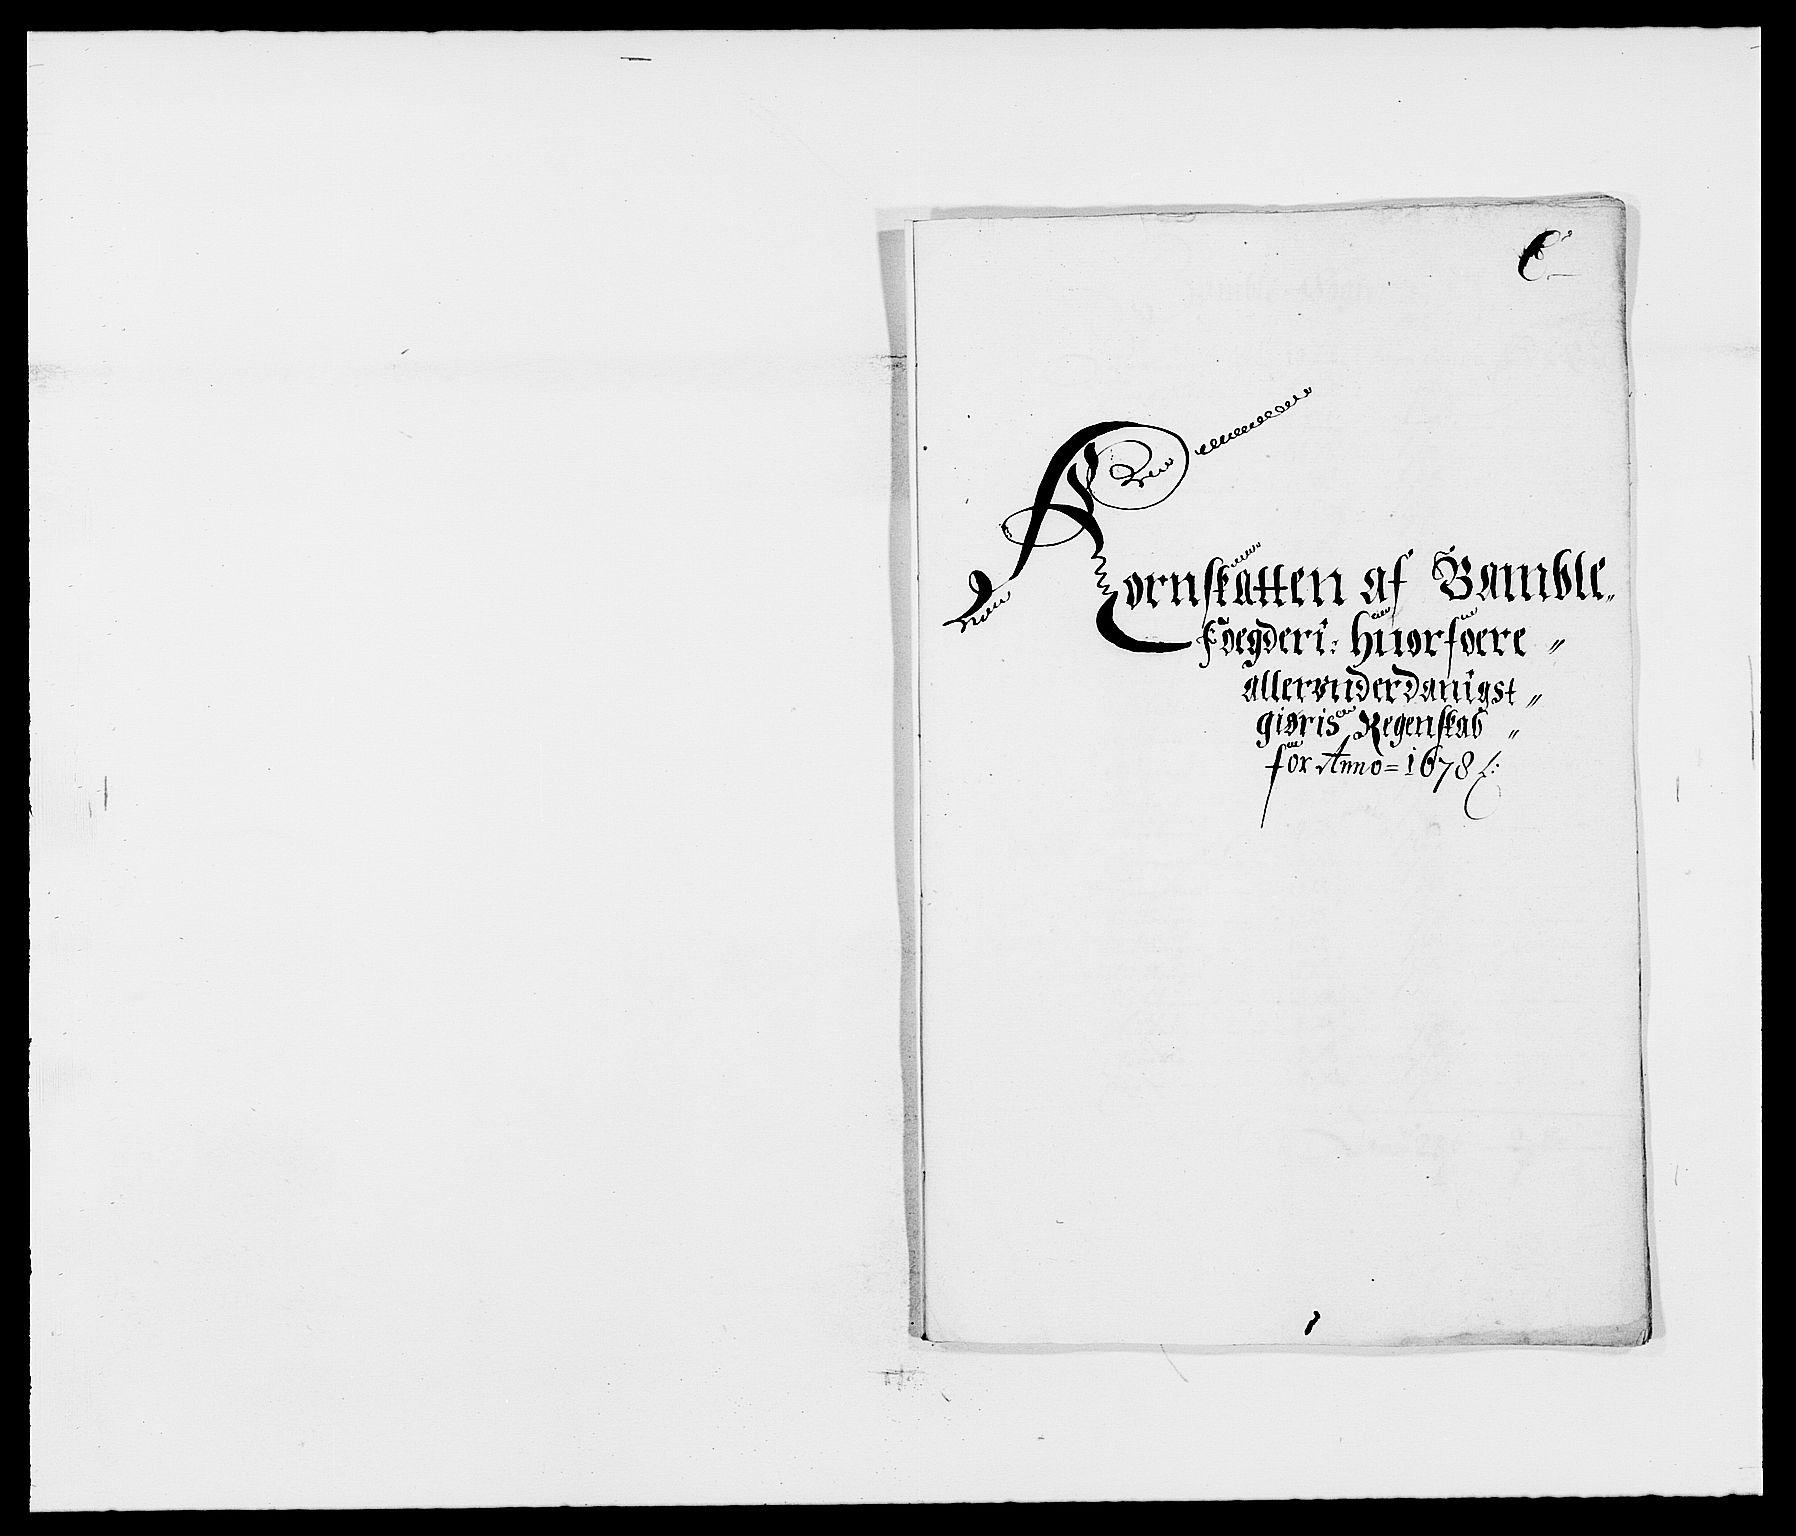 RA, Rentekammeret inntil 1814, Reviderte regnskaper, Fogderegnskap, R34/L2044: Fogderegnskap Bamble, 1678-1679, s. 70